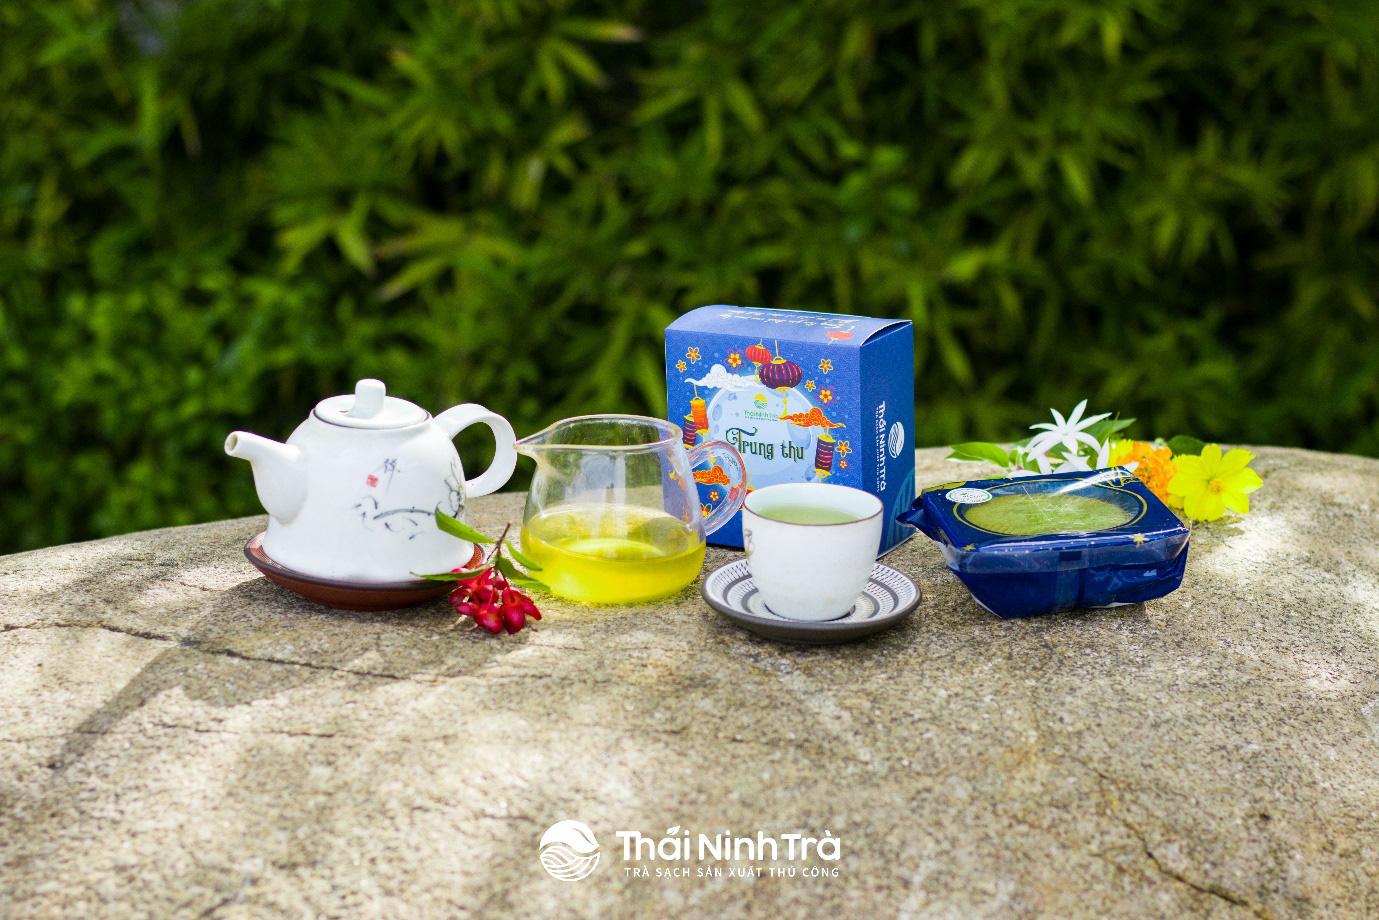 Thứ trà xanh làm từ cây chè sống nửa thế kỷ ở Thái Nguyên, giữ trọn hương vị truyền thống, ai uống cũng mê - Ảnh 4.